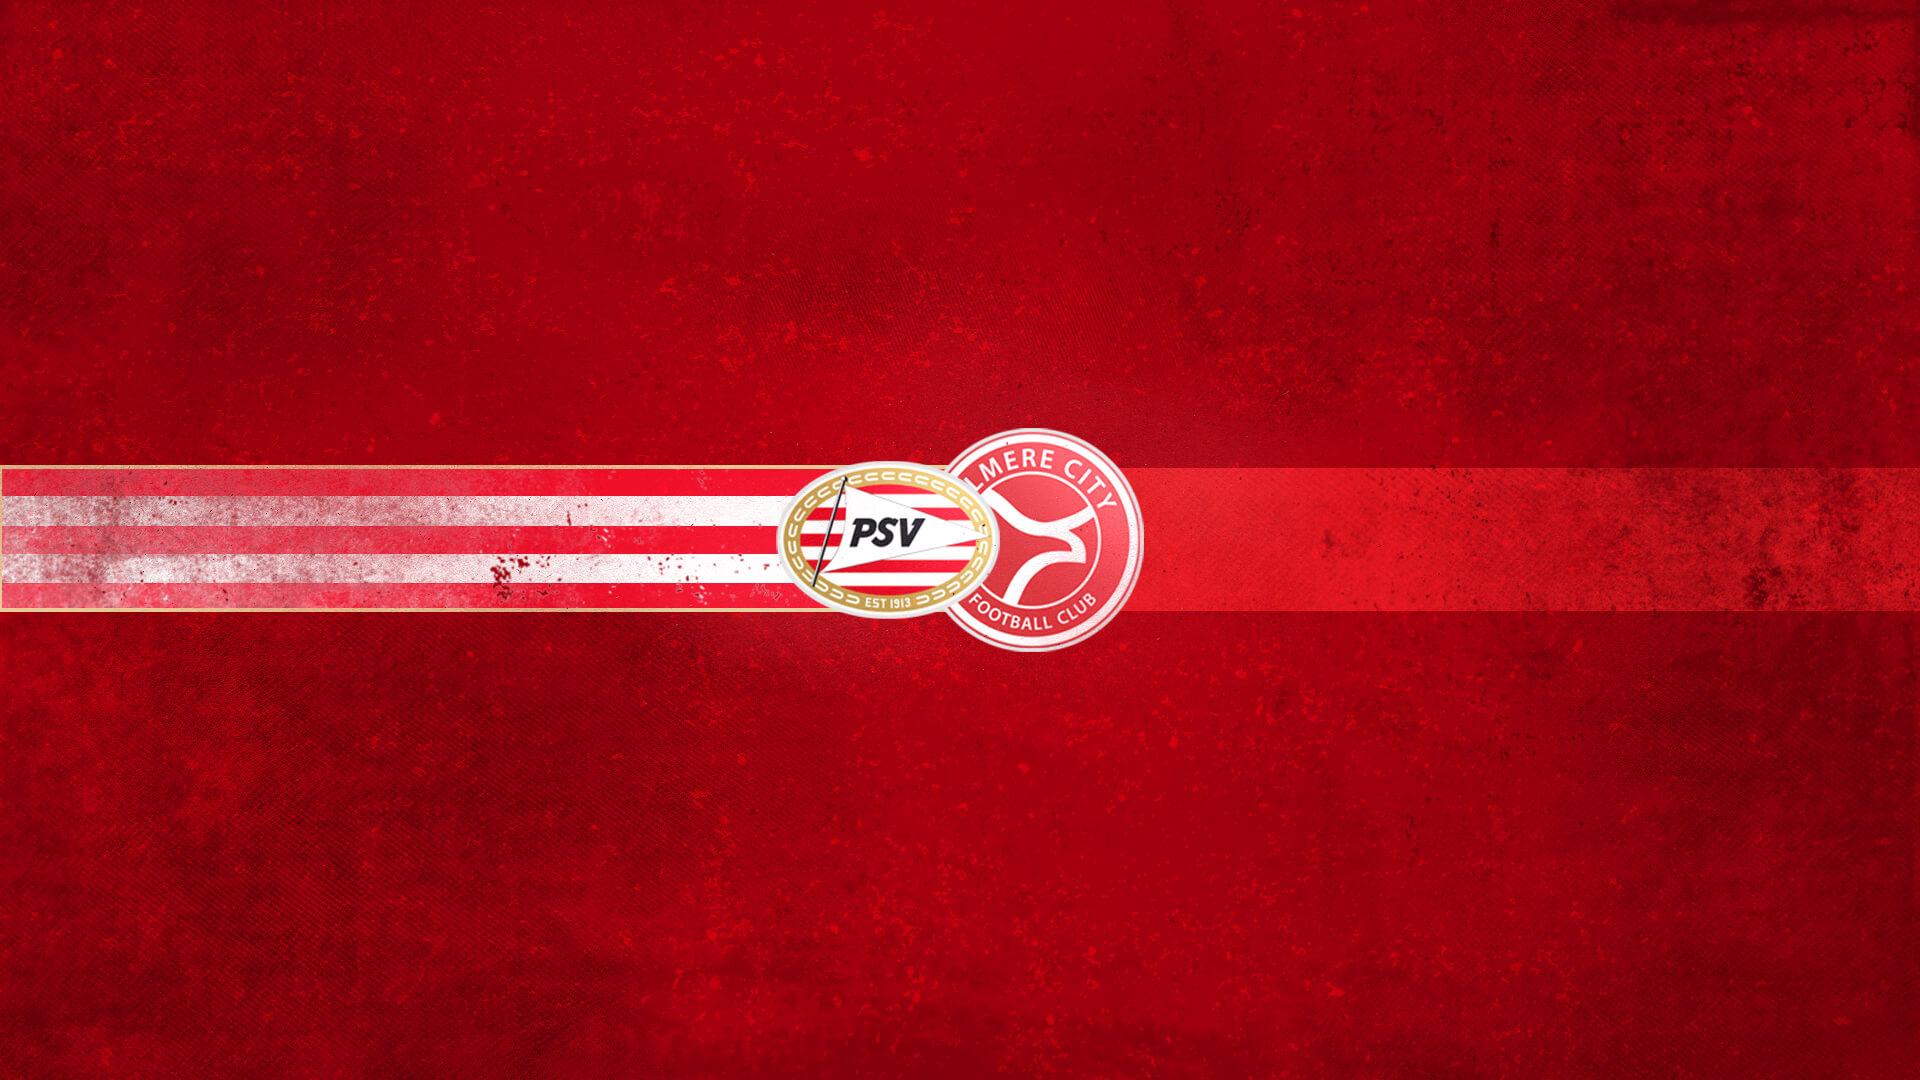 Voorbeschouwing: Almere City FC sluit 2018 af met uitwedstrijd tegen Jong PSV